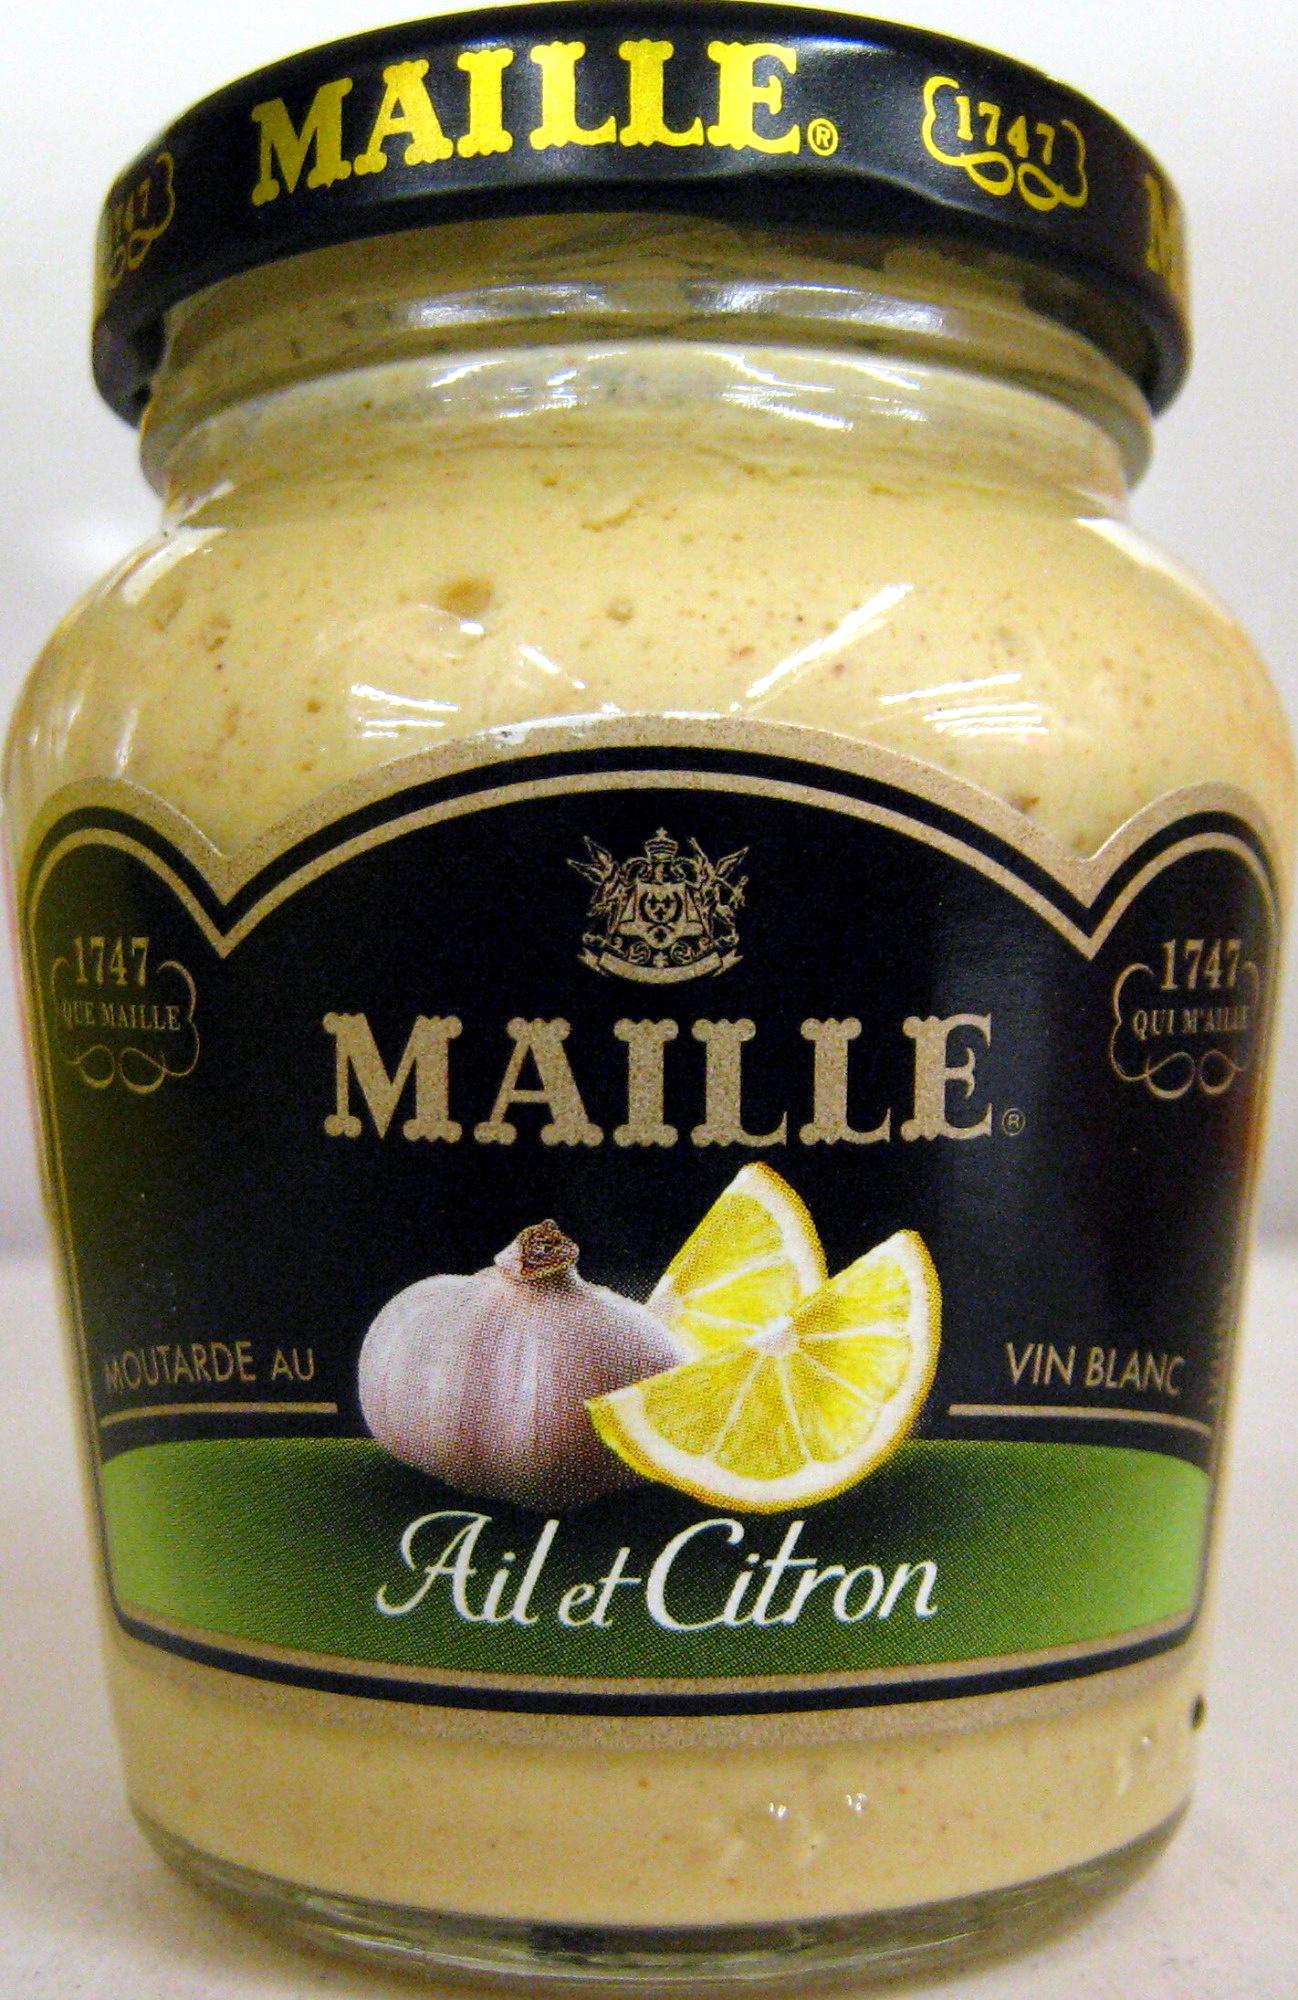 moutarde au vin blanc l 39 ail et au citron maille 108 g. Black Bedroom Furniture Sets. Home Design Ideas